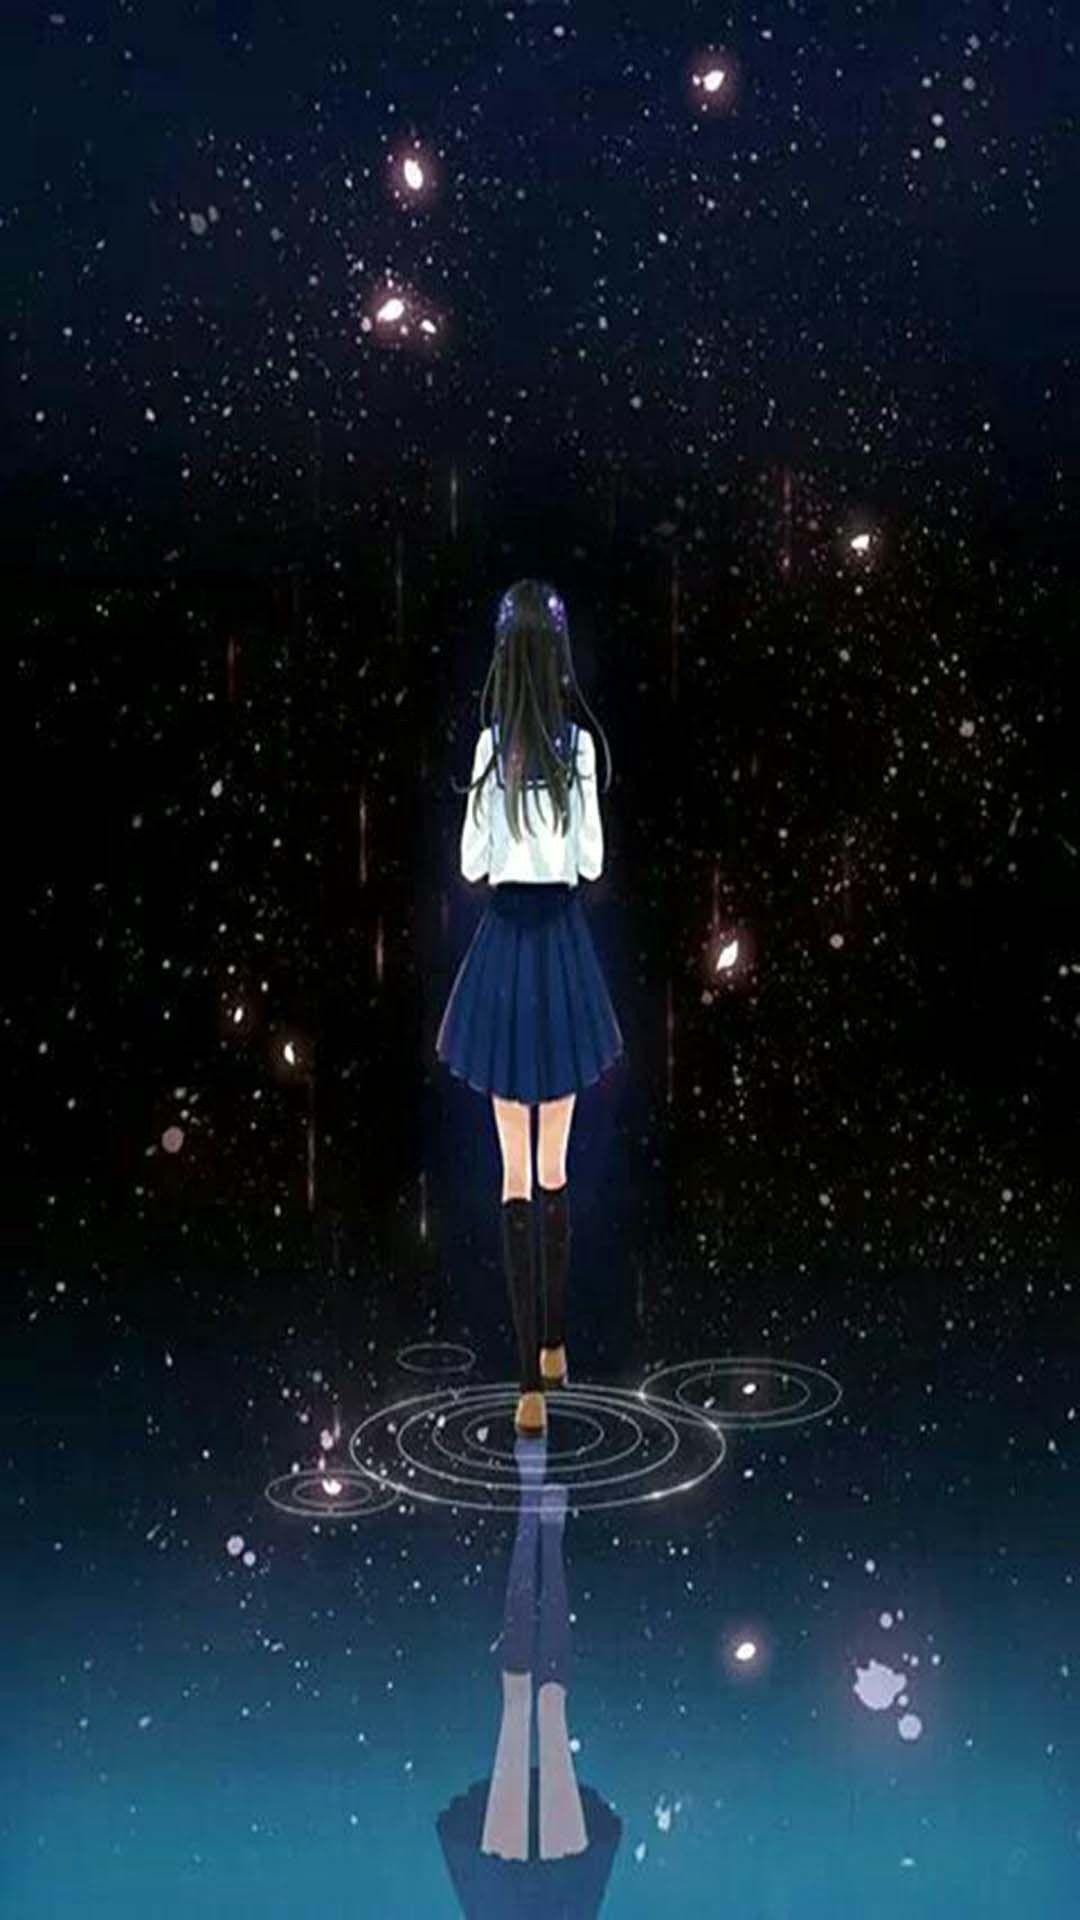 Ghim của Lịch Ngoặc Thiên Dương trên A Girl Anime rùng